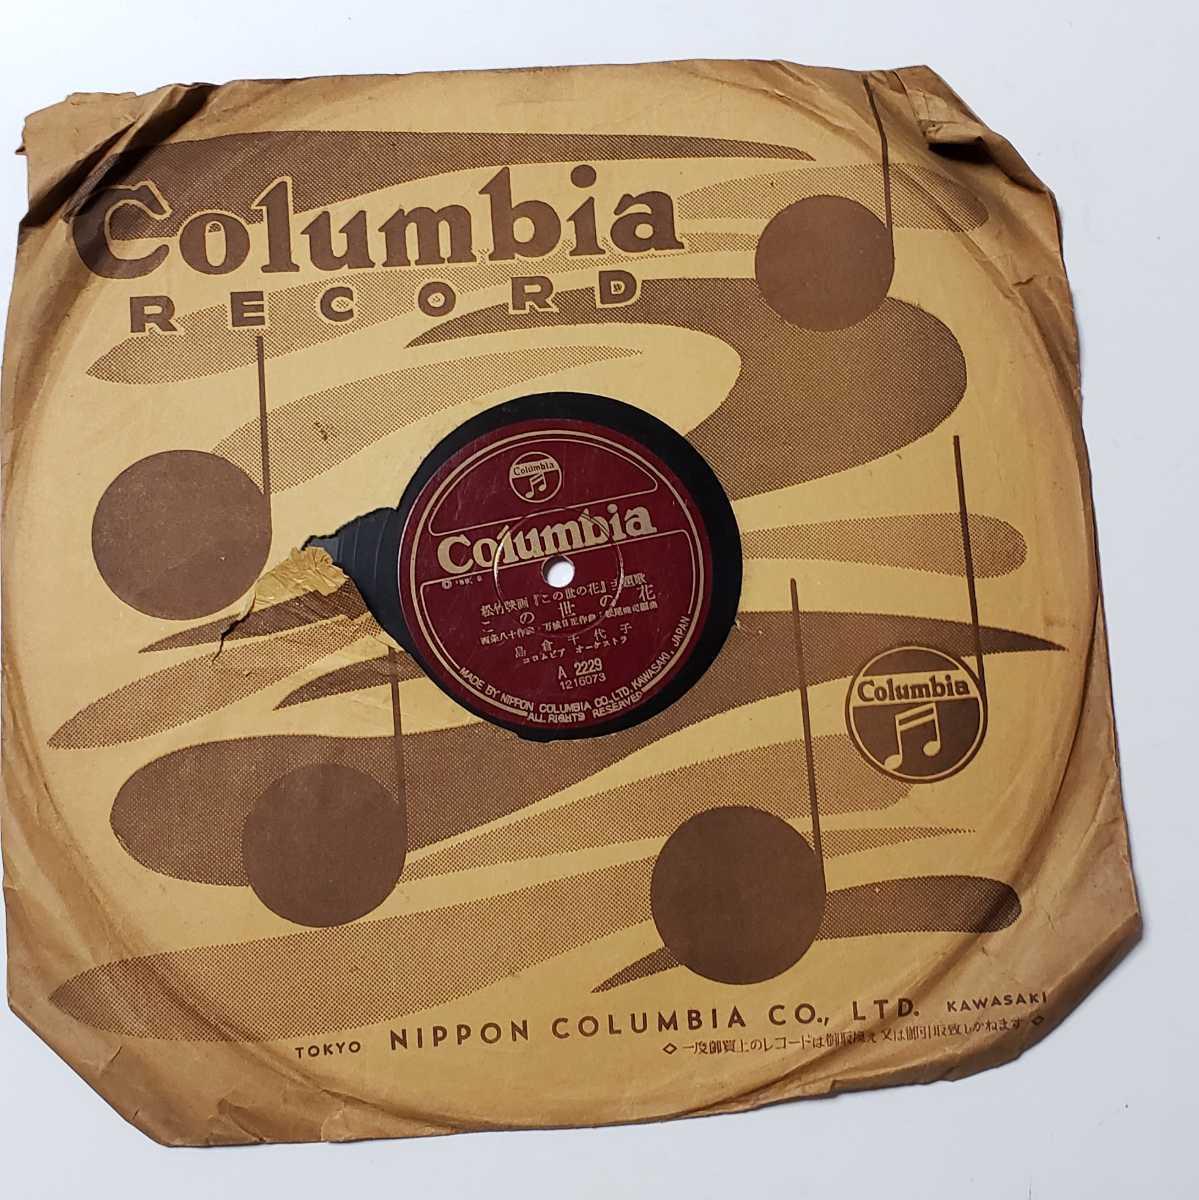 昭和レトロ 蓄音機 spレコード コロムビア Columaia 島倉千代子 「この世の花」「ああ若き日よ、どこへゆく」松竹映画「この世の花」